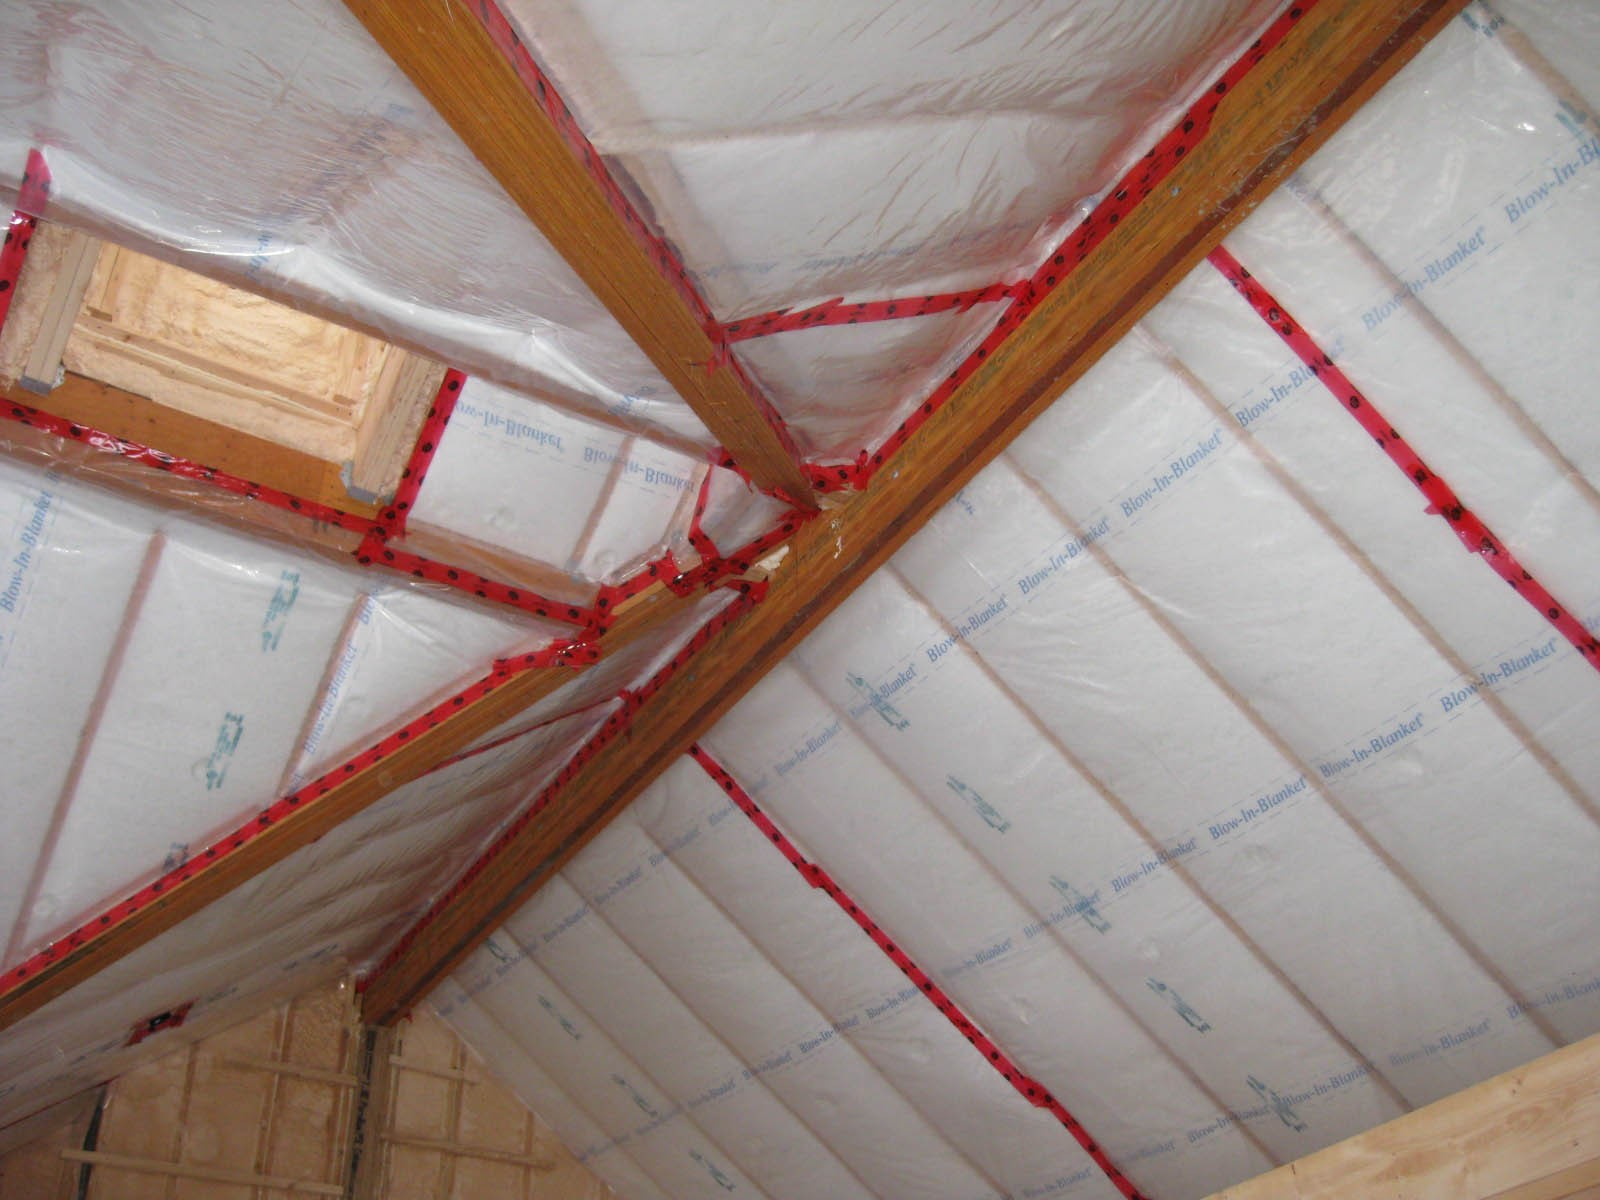 Потолок в частном доме: как утеплить со стороны чердака?